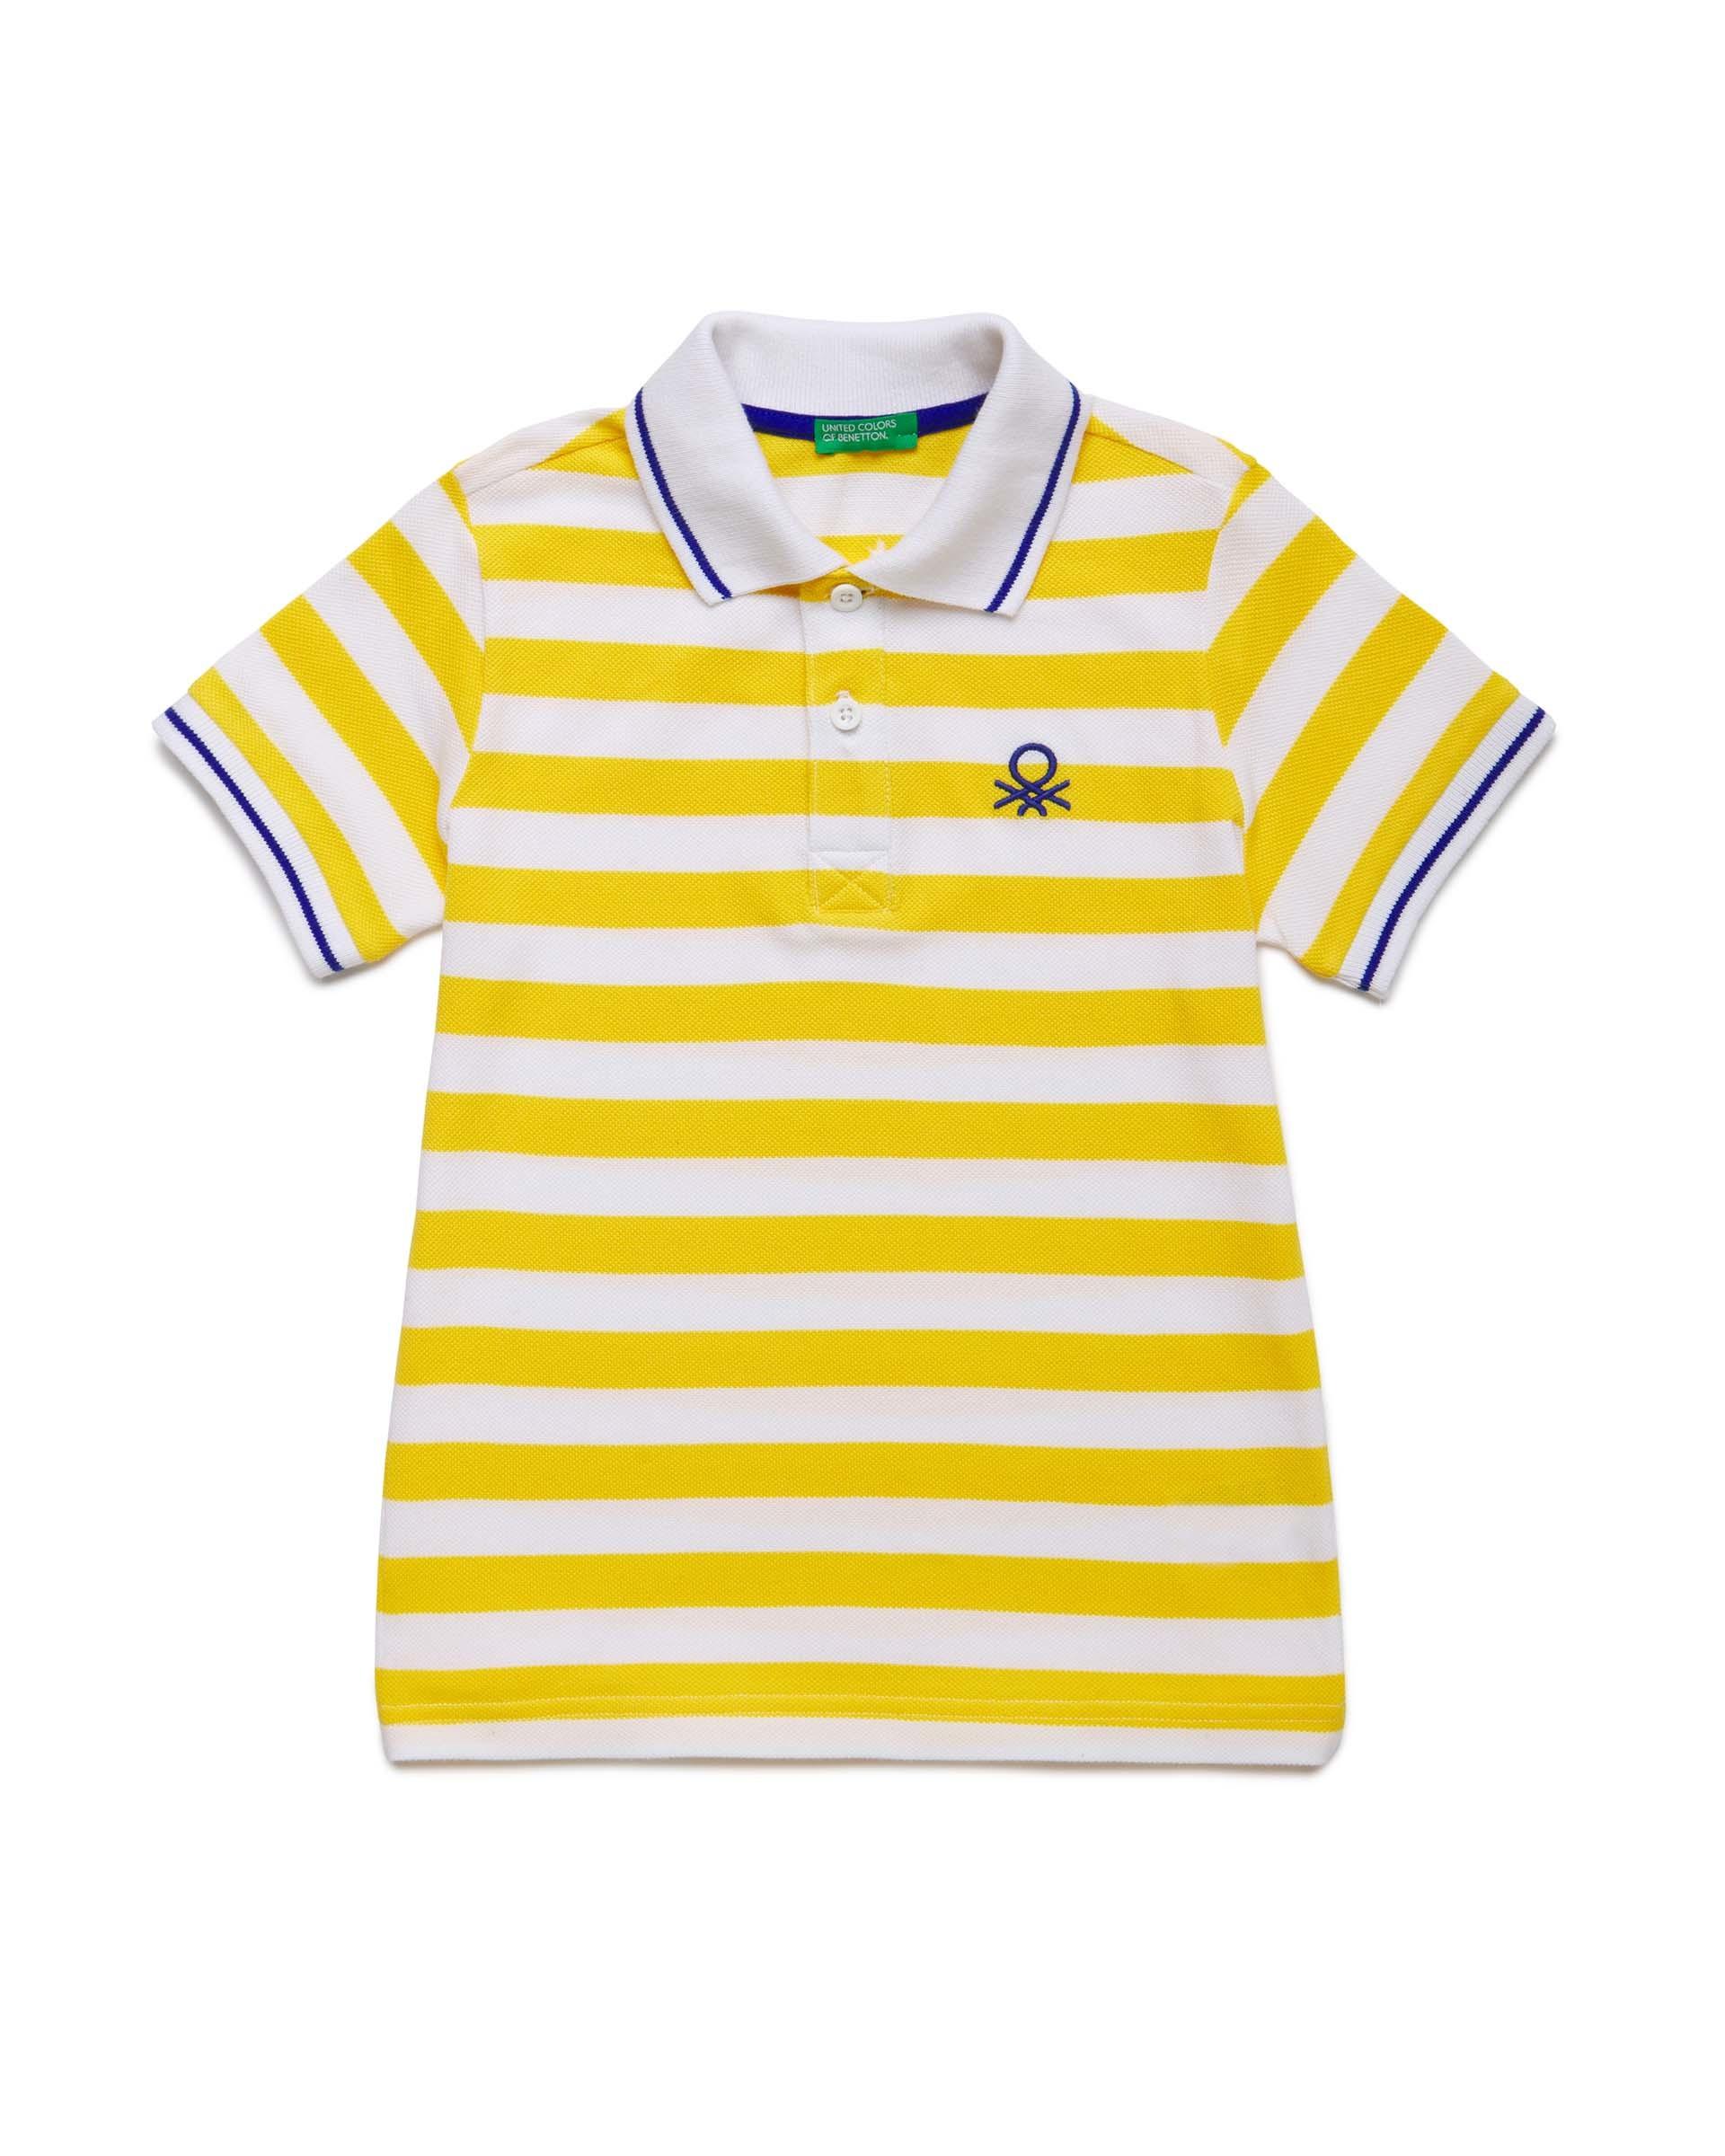 Купить 20P_3NQ7C3124_902, Поло-пике для мальчиков Benetton 3NQ7C3124_902 р-р 152, United Colors of Benetton, Футболки для мальчиков